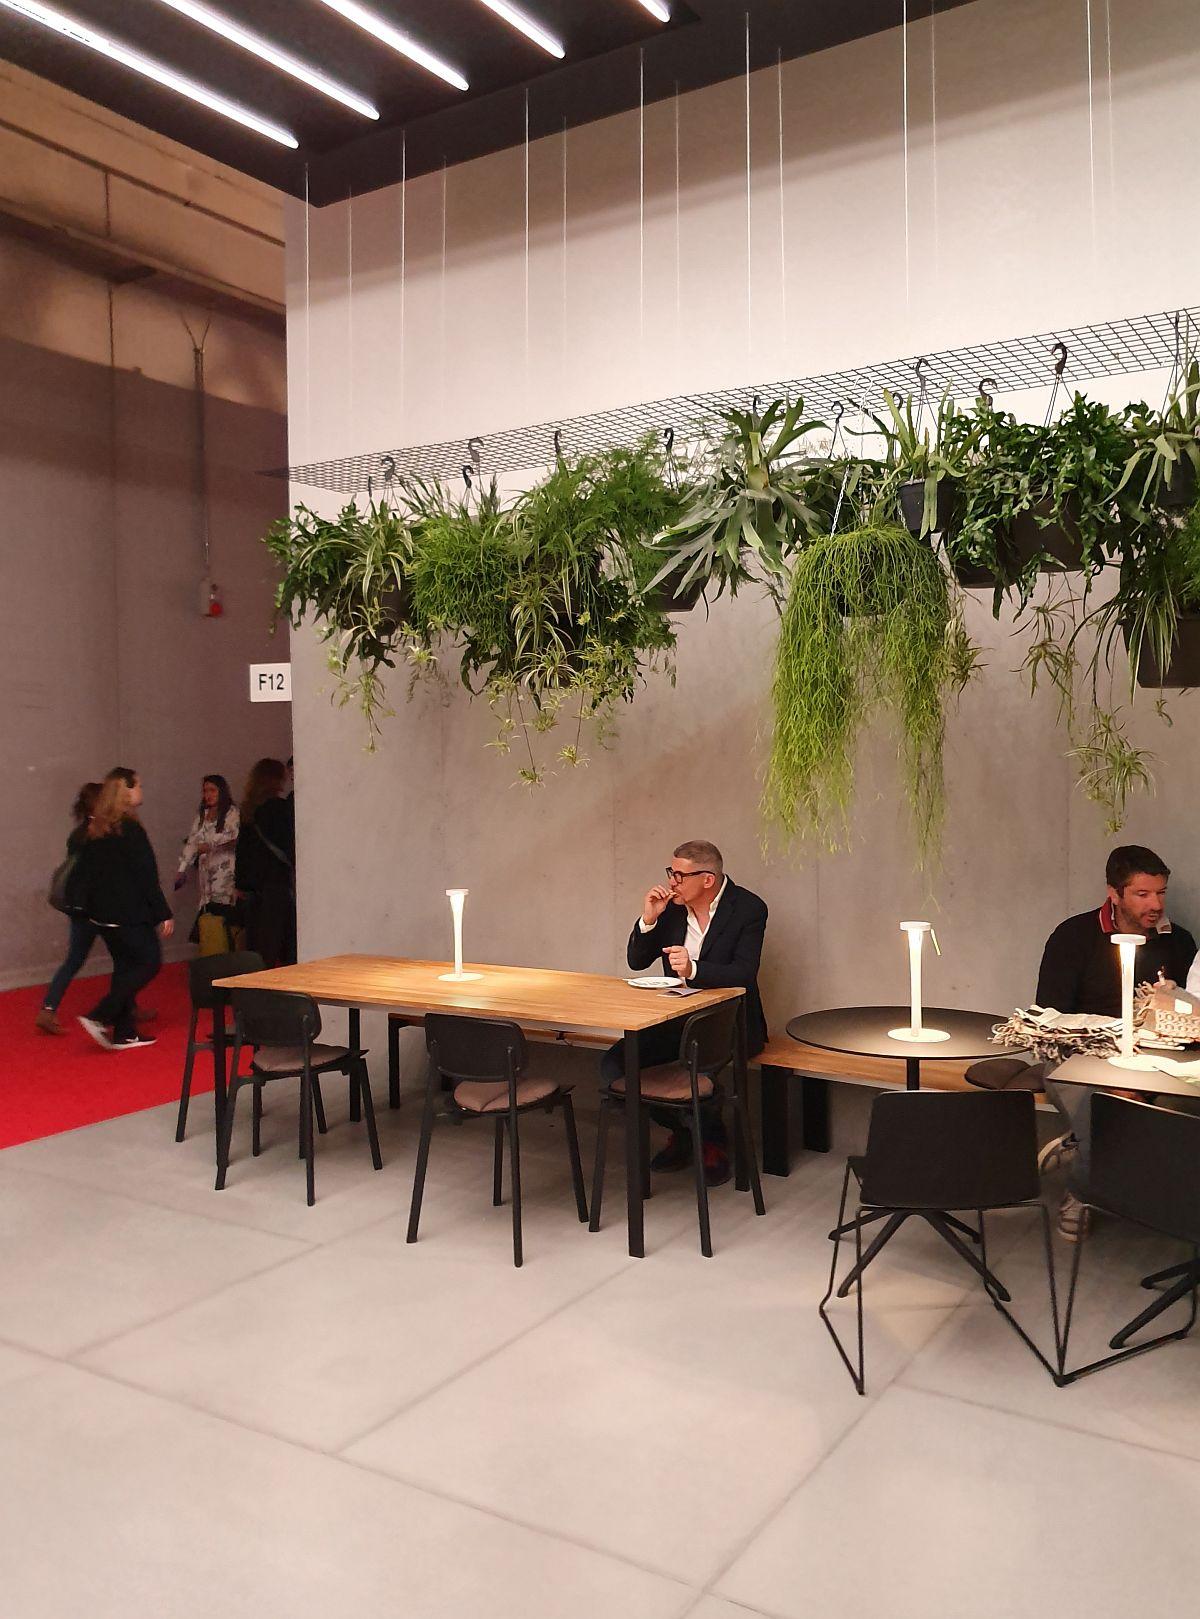 Plante suspendate care atrăgeau privirile, dar care schimbau imediat ambientele din simple în primitoare. Aici zona dedicată clienților din standul Kristalia.